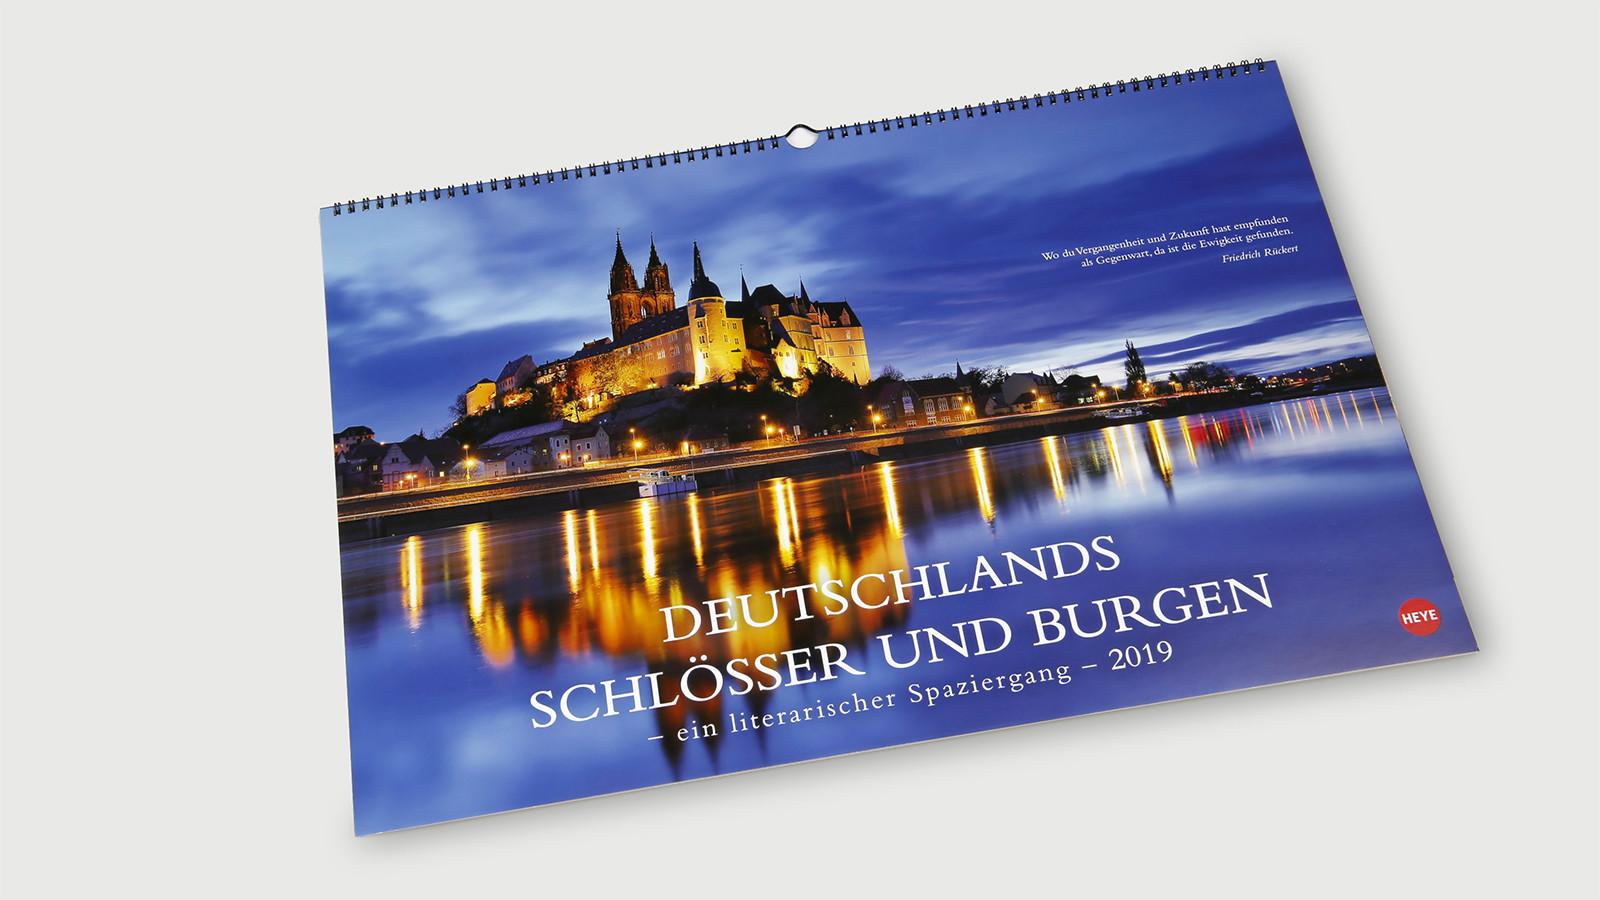 Burgen_und_Schloesser